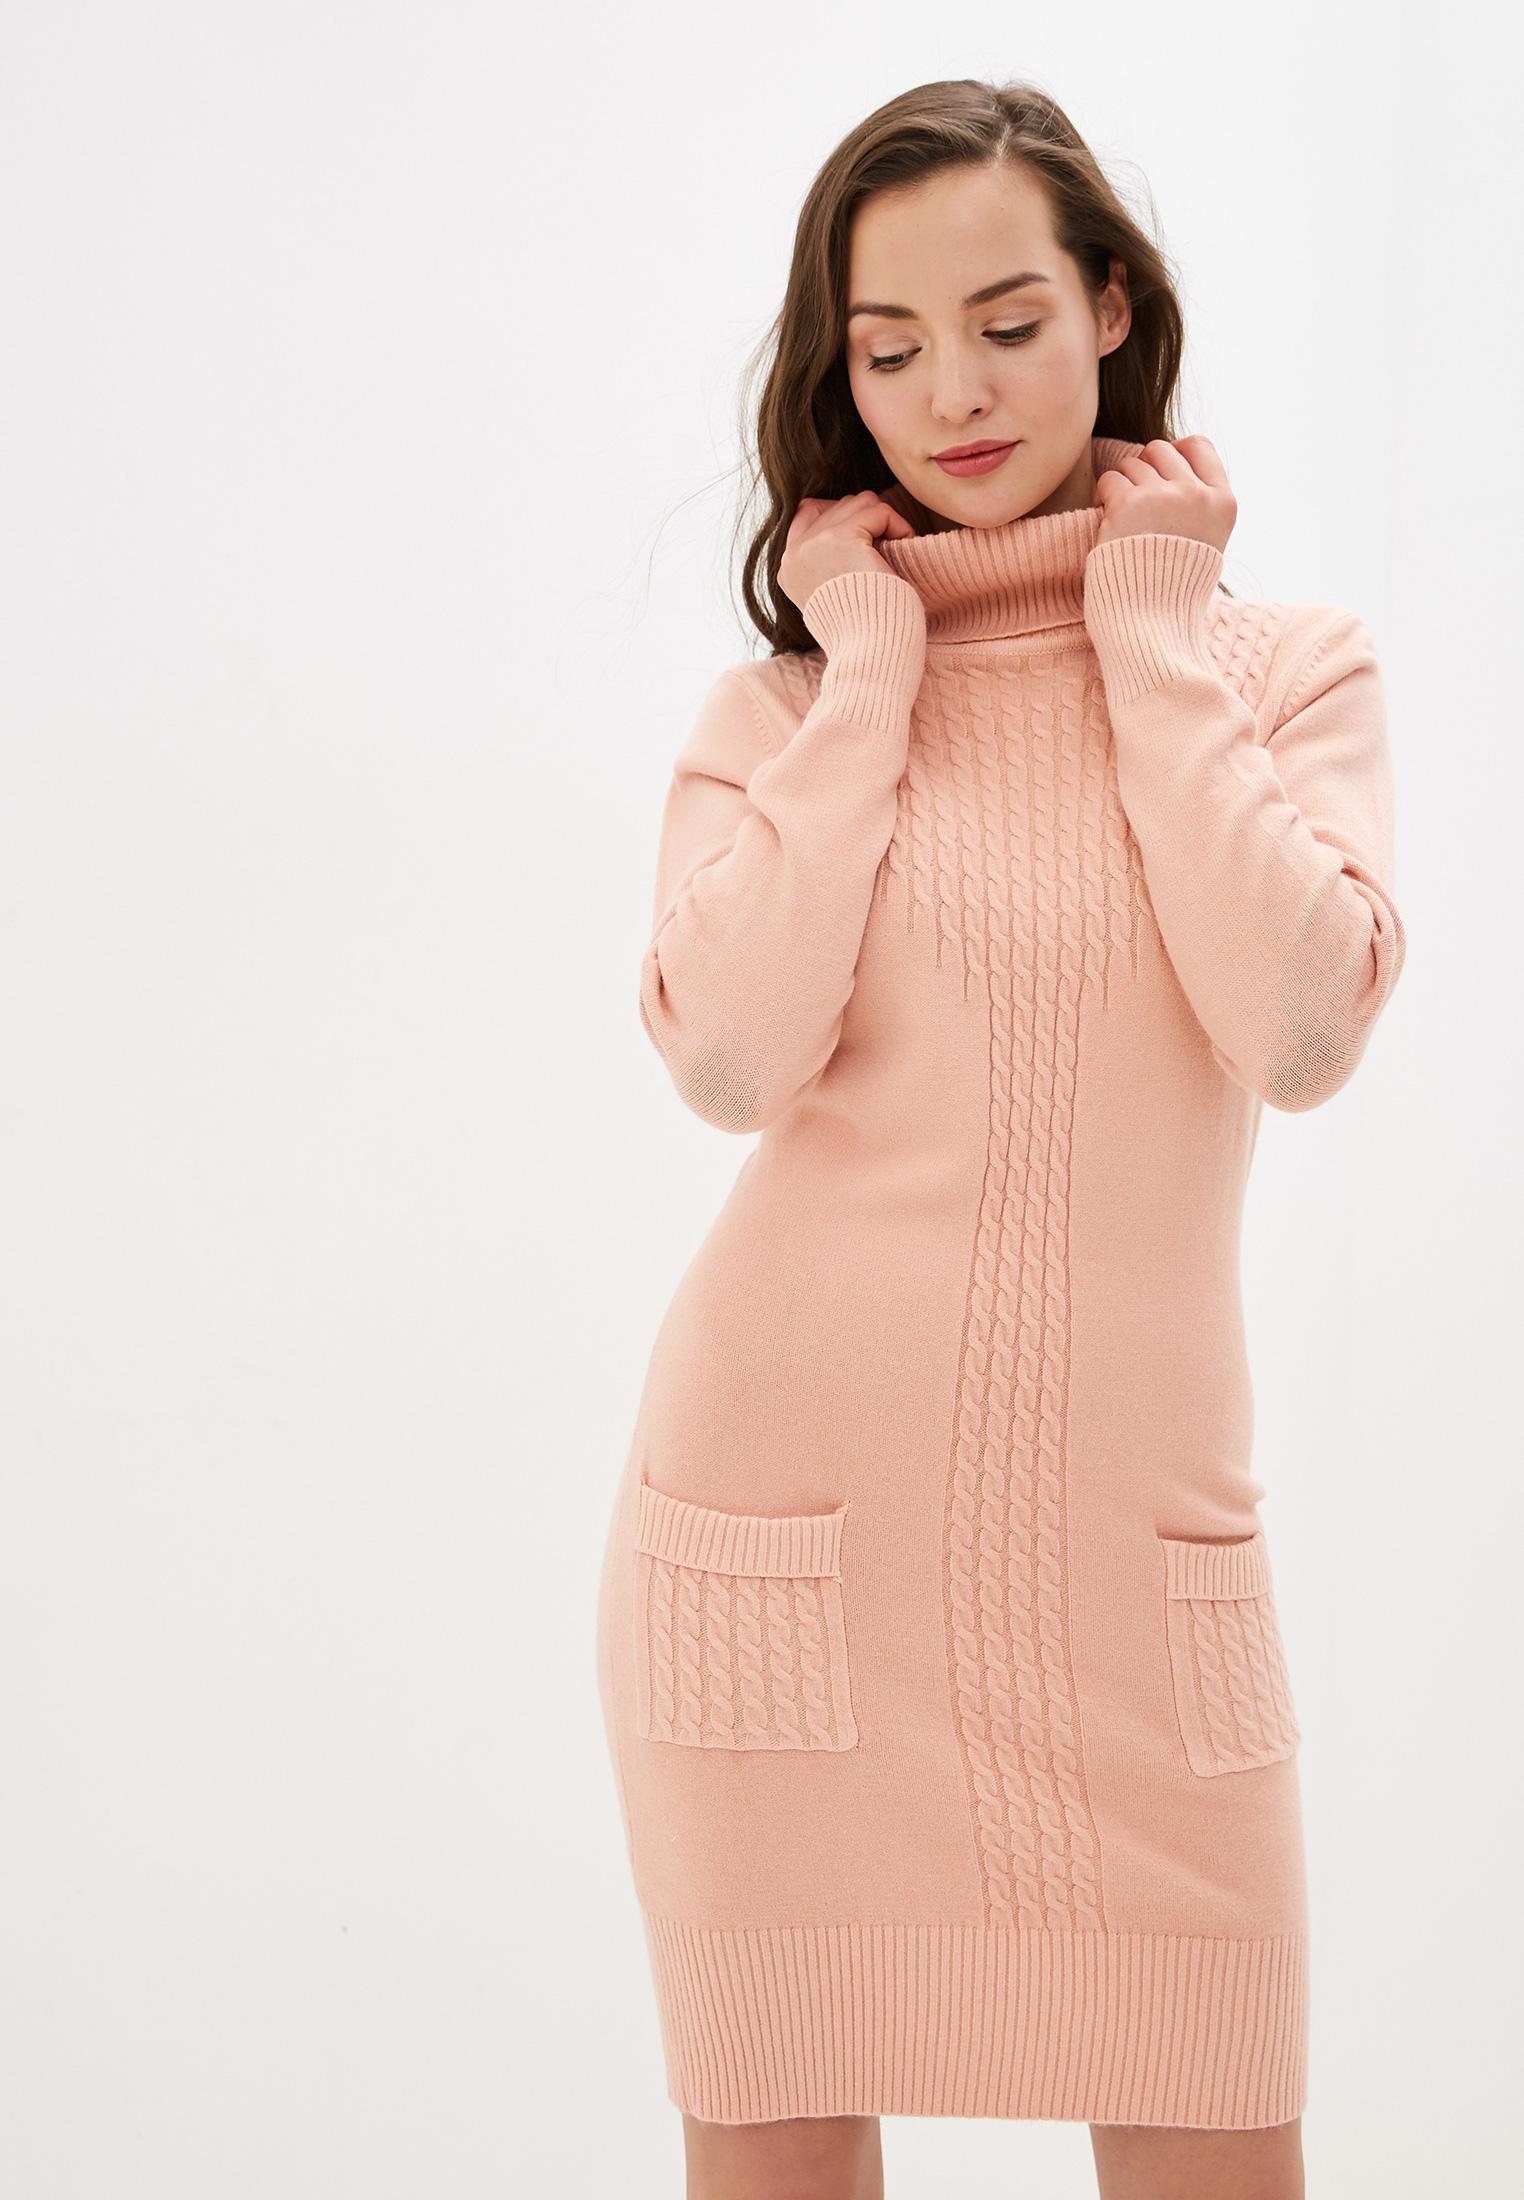 Вязаное платье SMF 179513